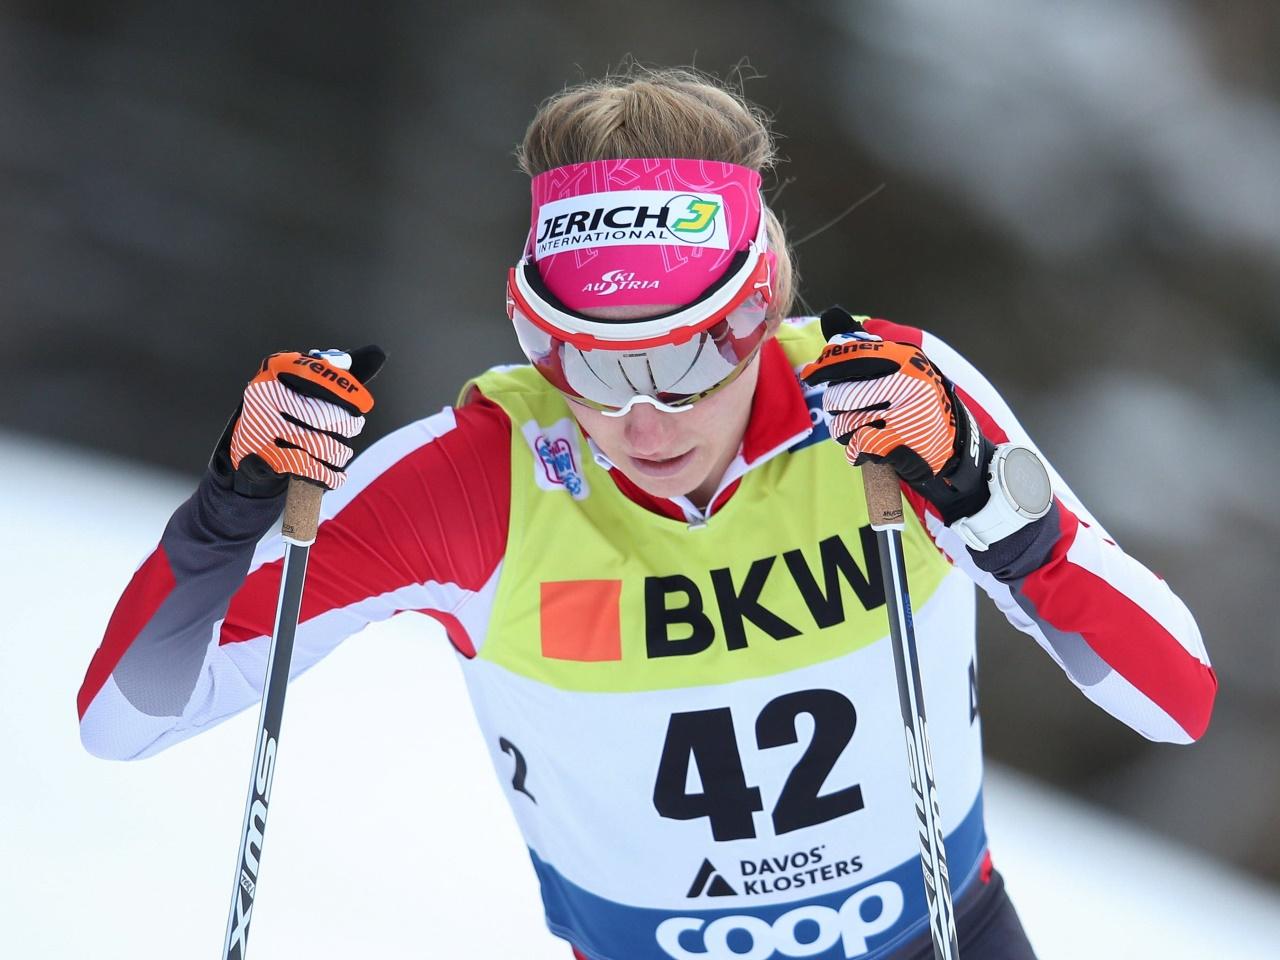 Stadlober bei erneutem Johaug-Sieg in Davos 10-km-Siebente